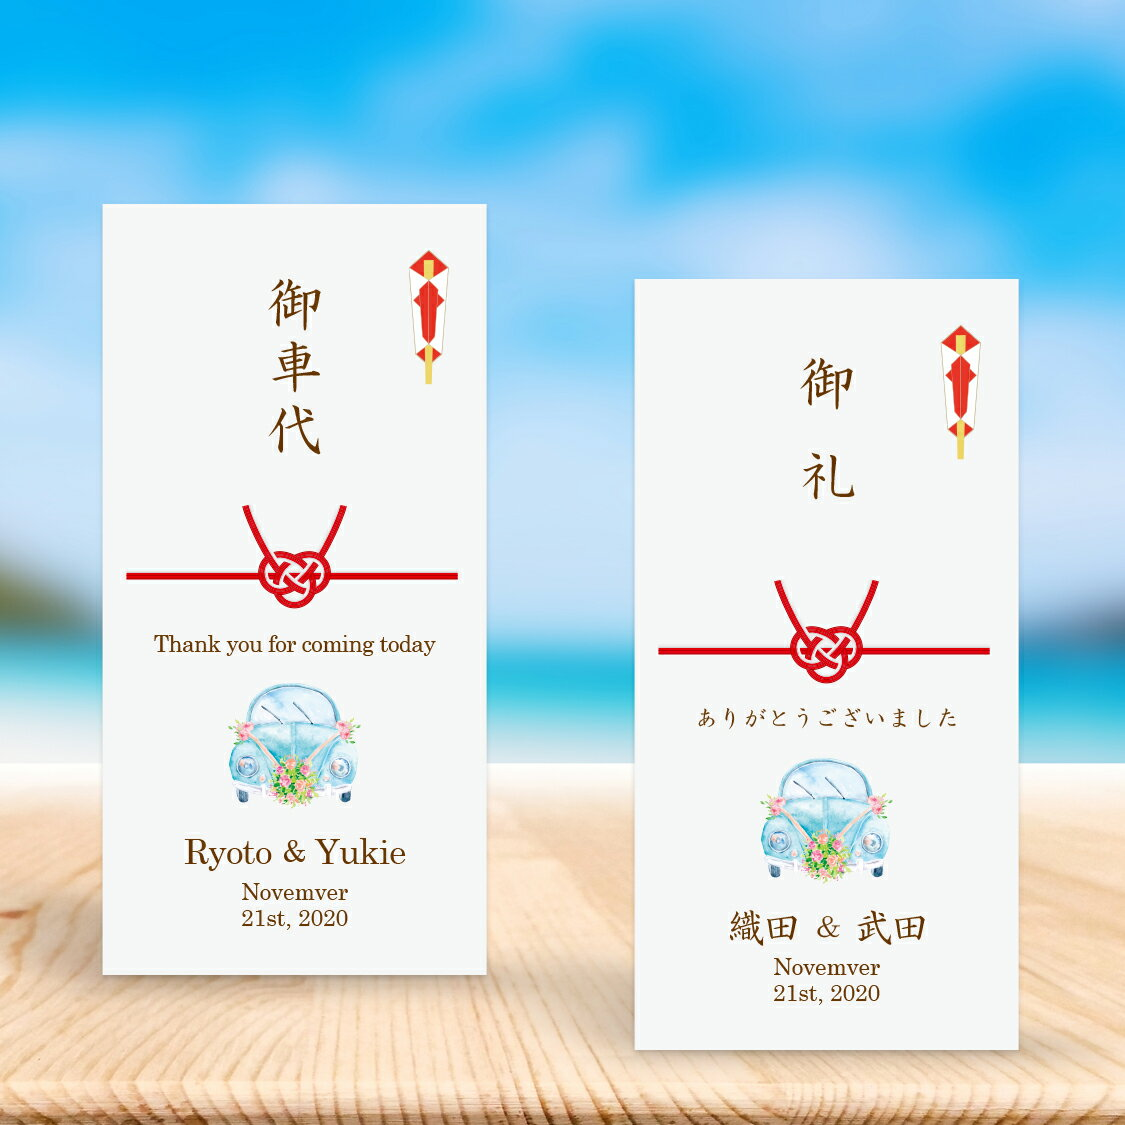 封筒 お車代 ウェディングカー(Blue) 結婚式 ポチ袋 印刷込み のし袋 10枚 セット